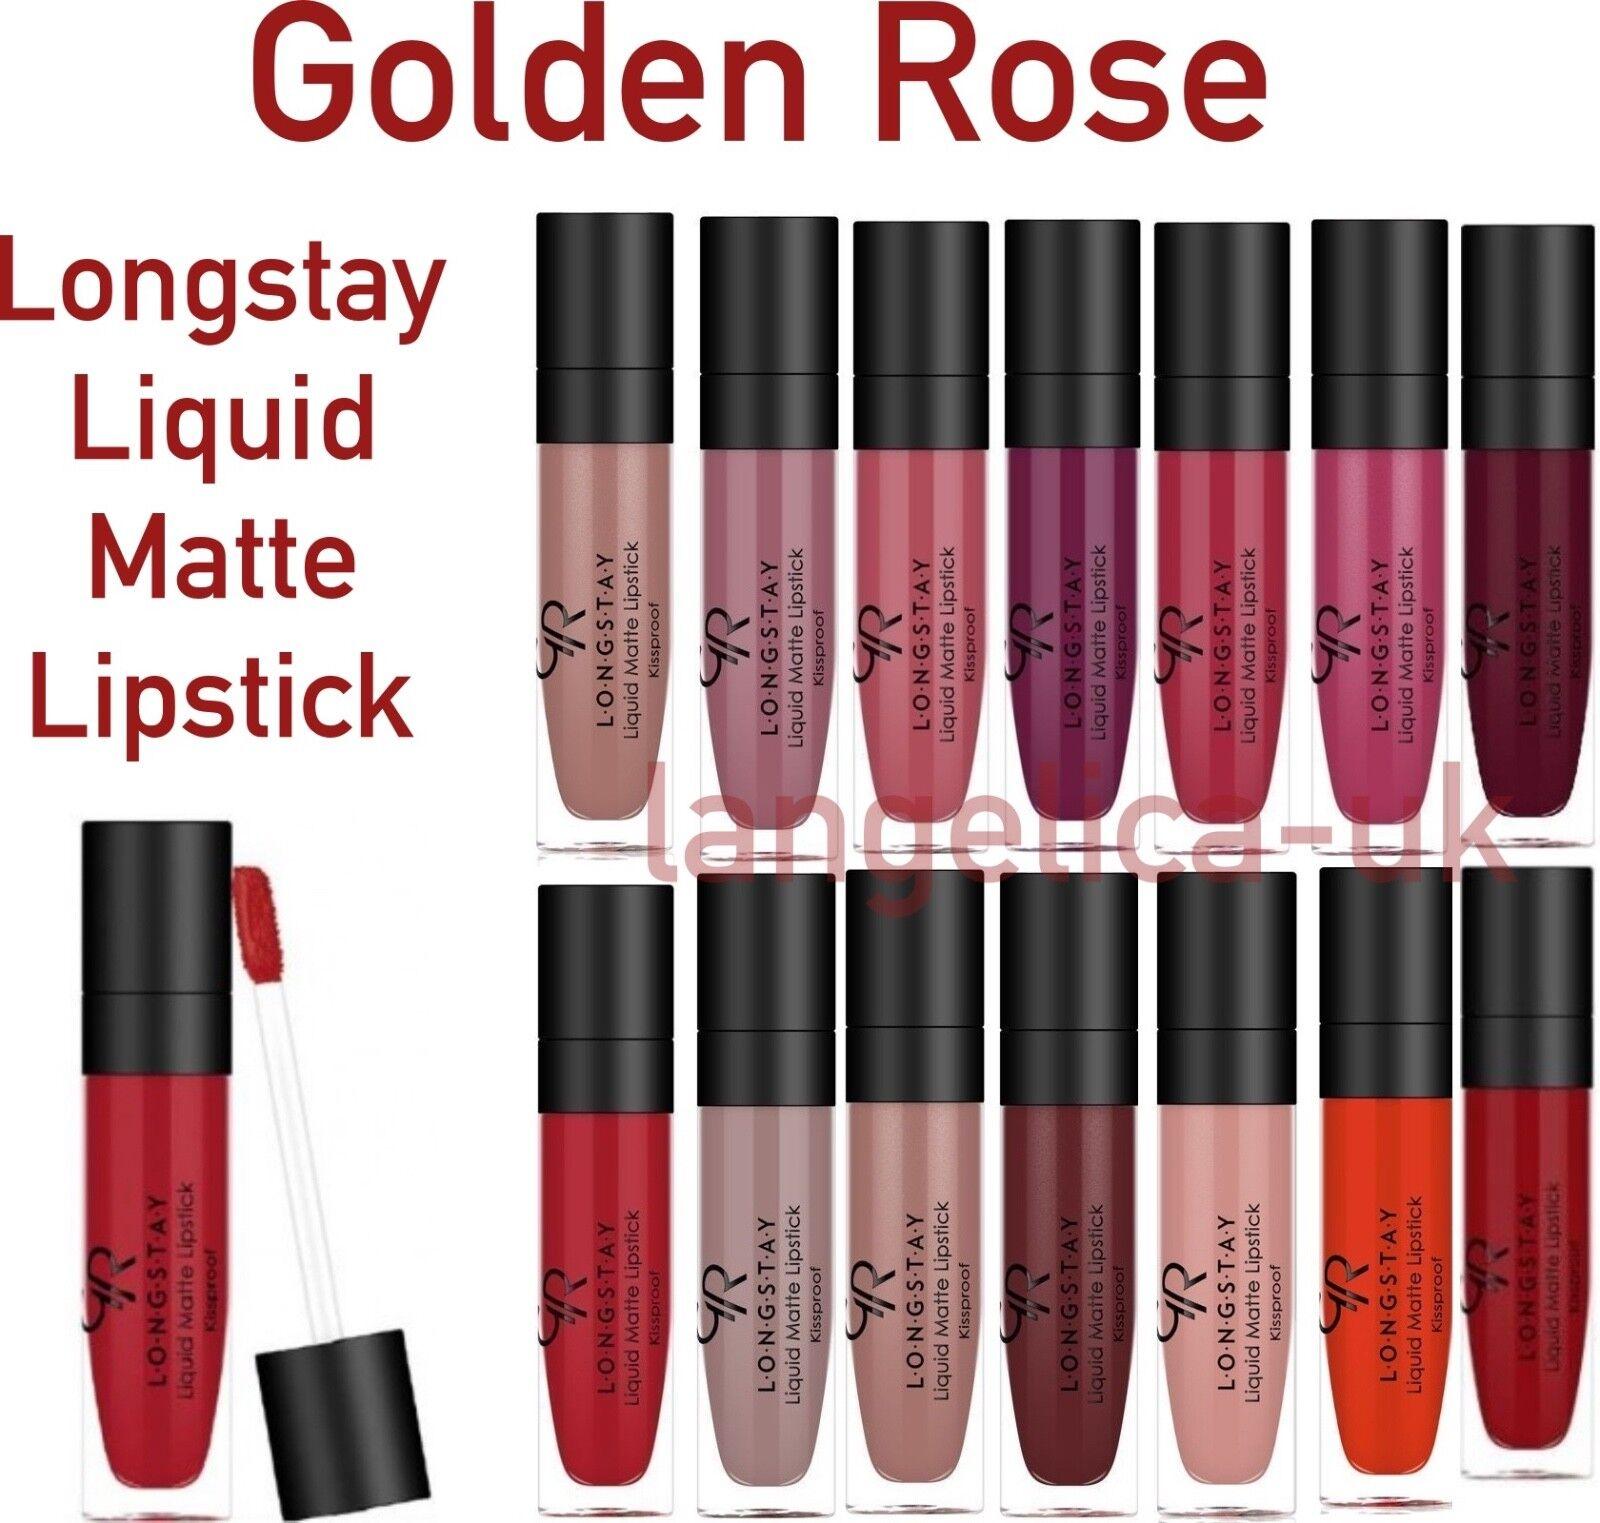 Golden Rose Longstay Liquid Matte Lipstick купить на Ebay в америке